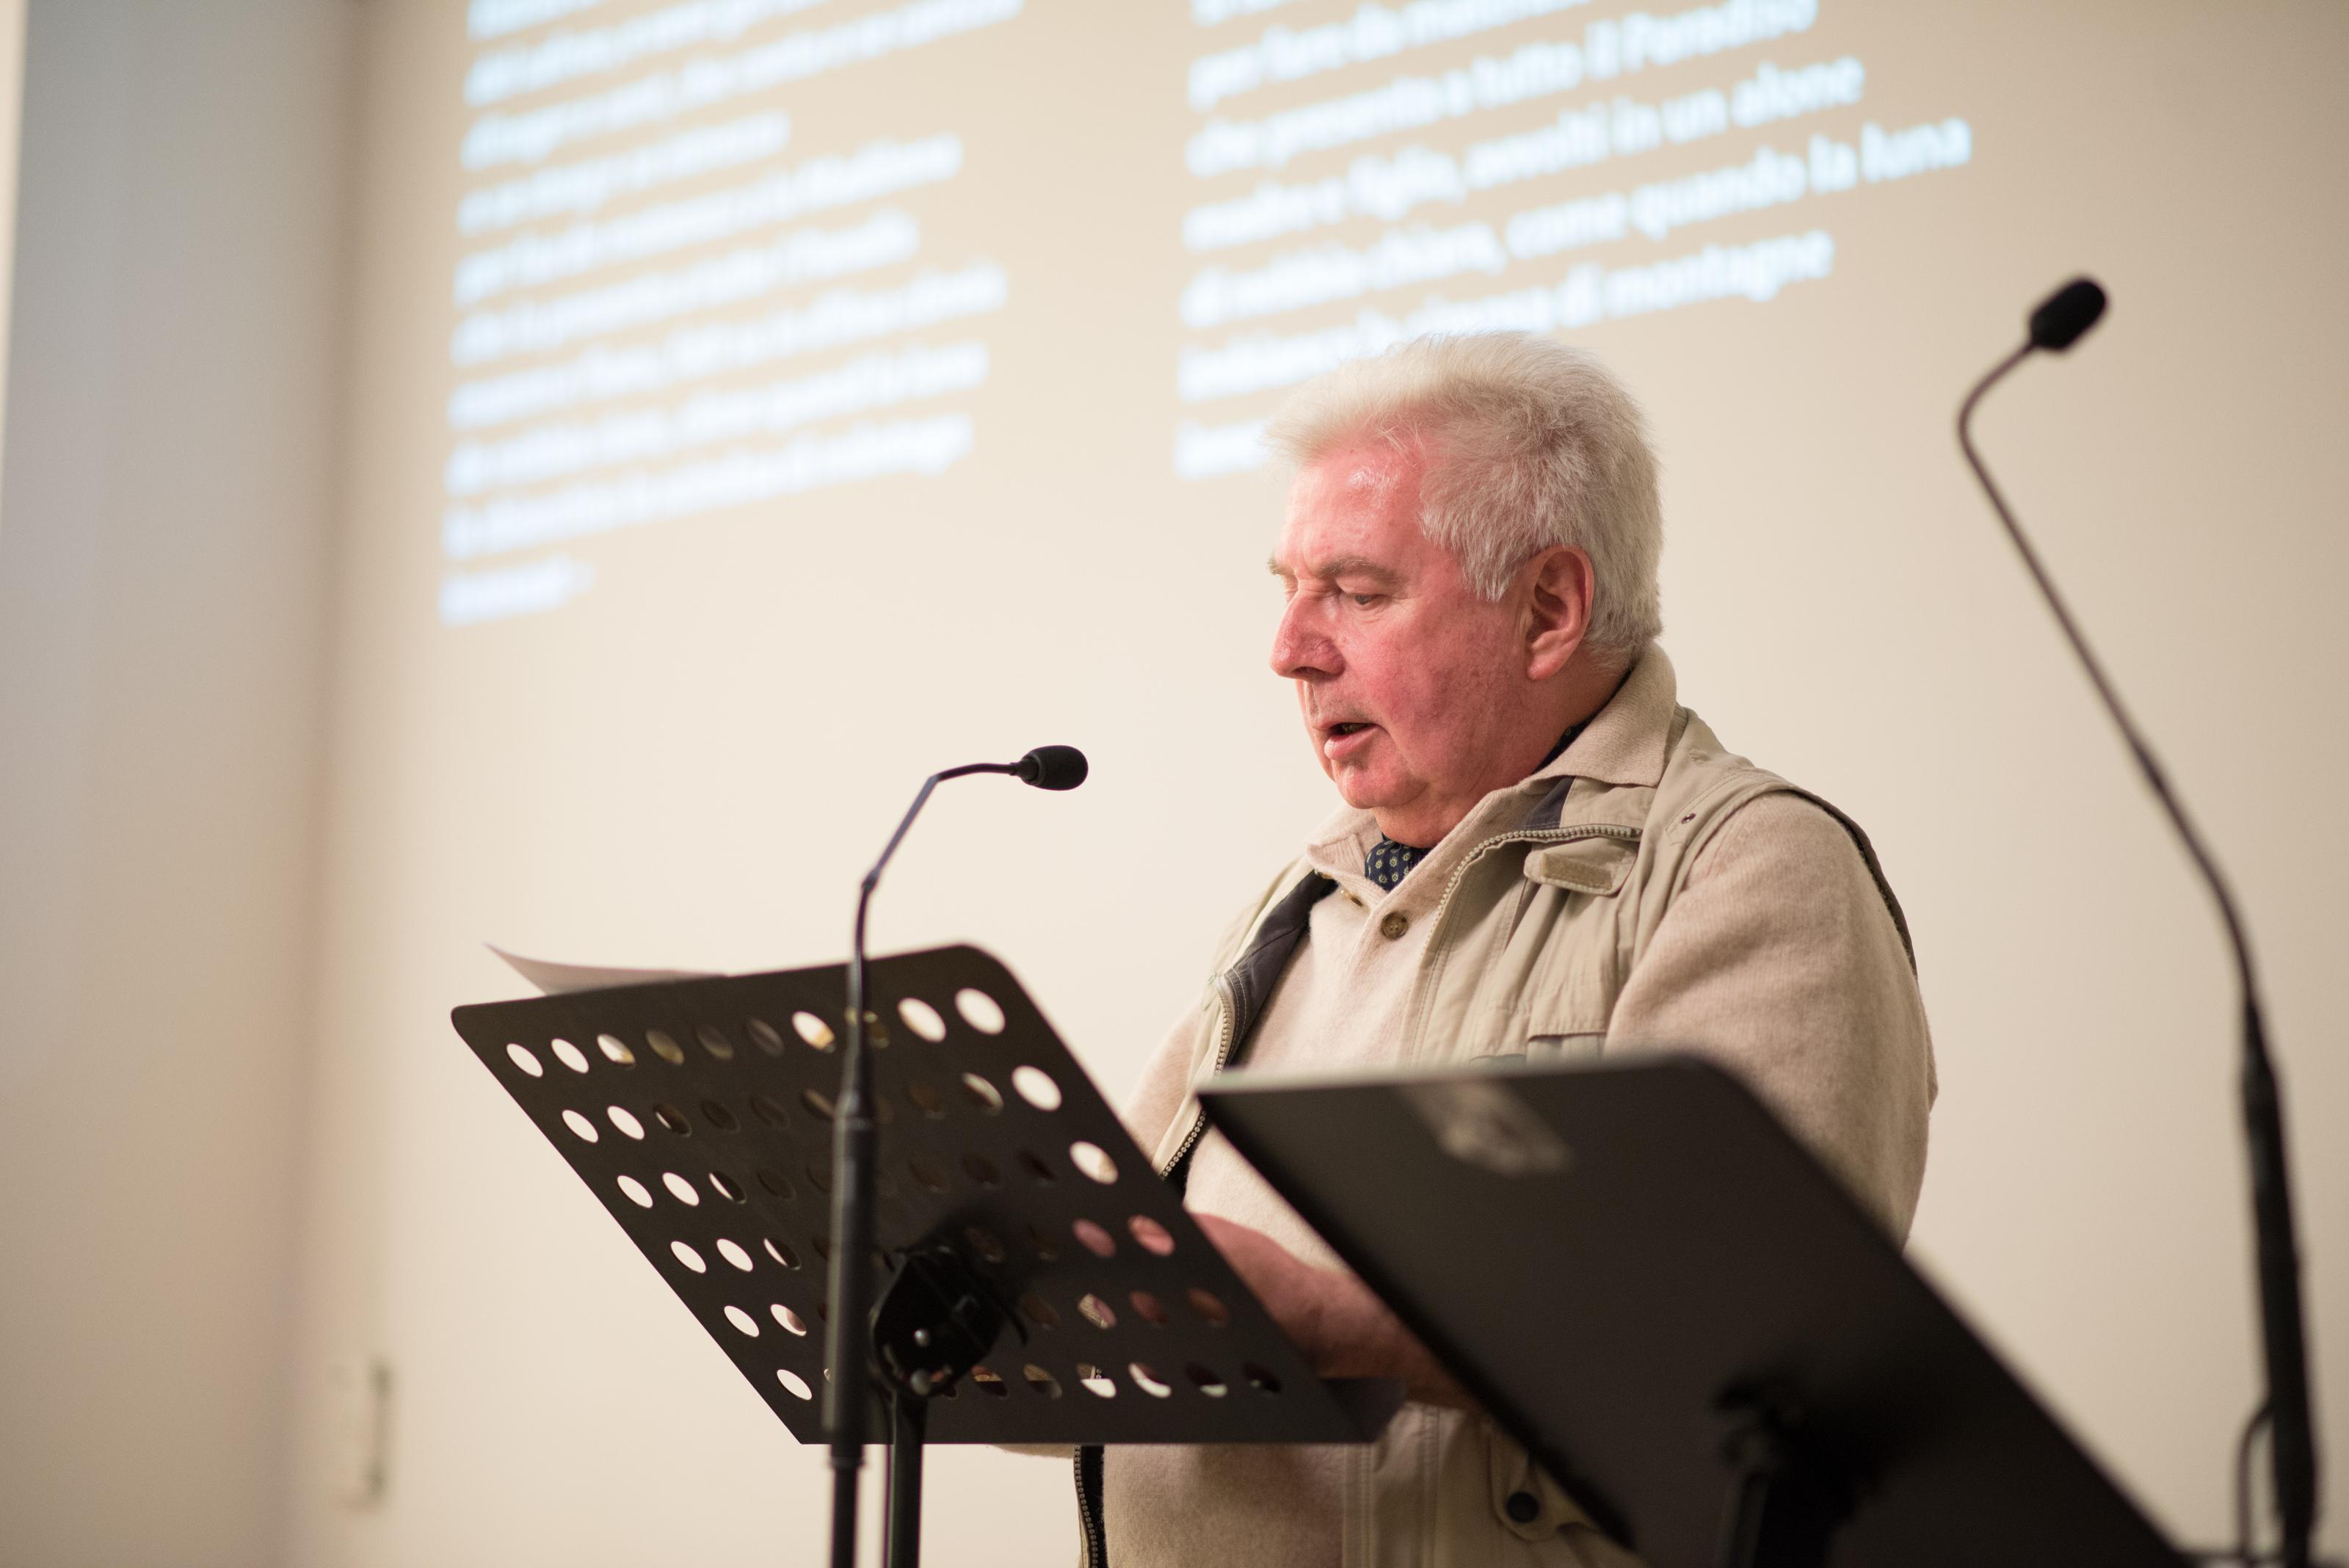 Basilio Luoni